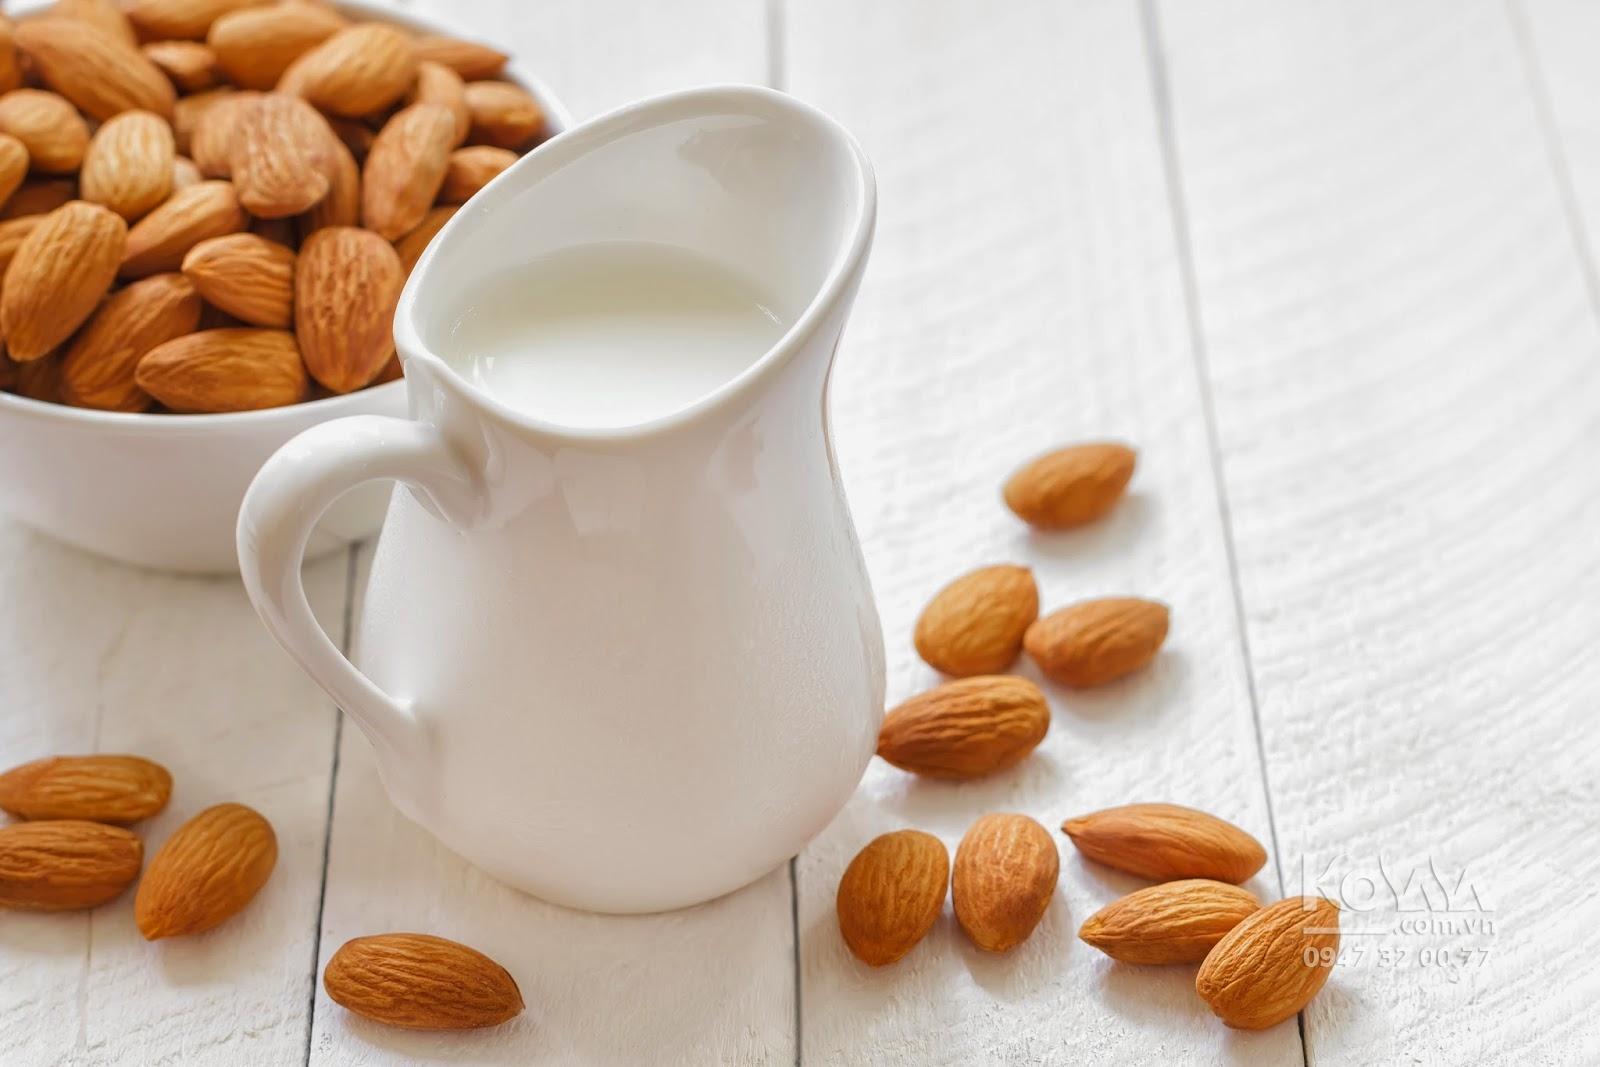 dùng sữa hạt cho bé, sữa hạt hạnh nhân